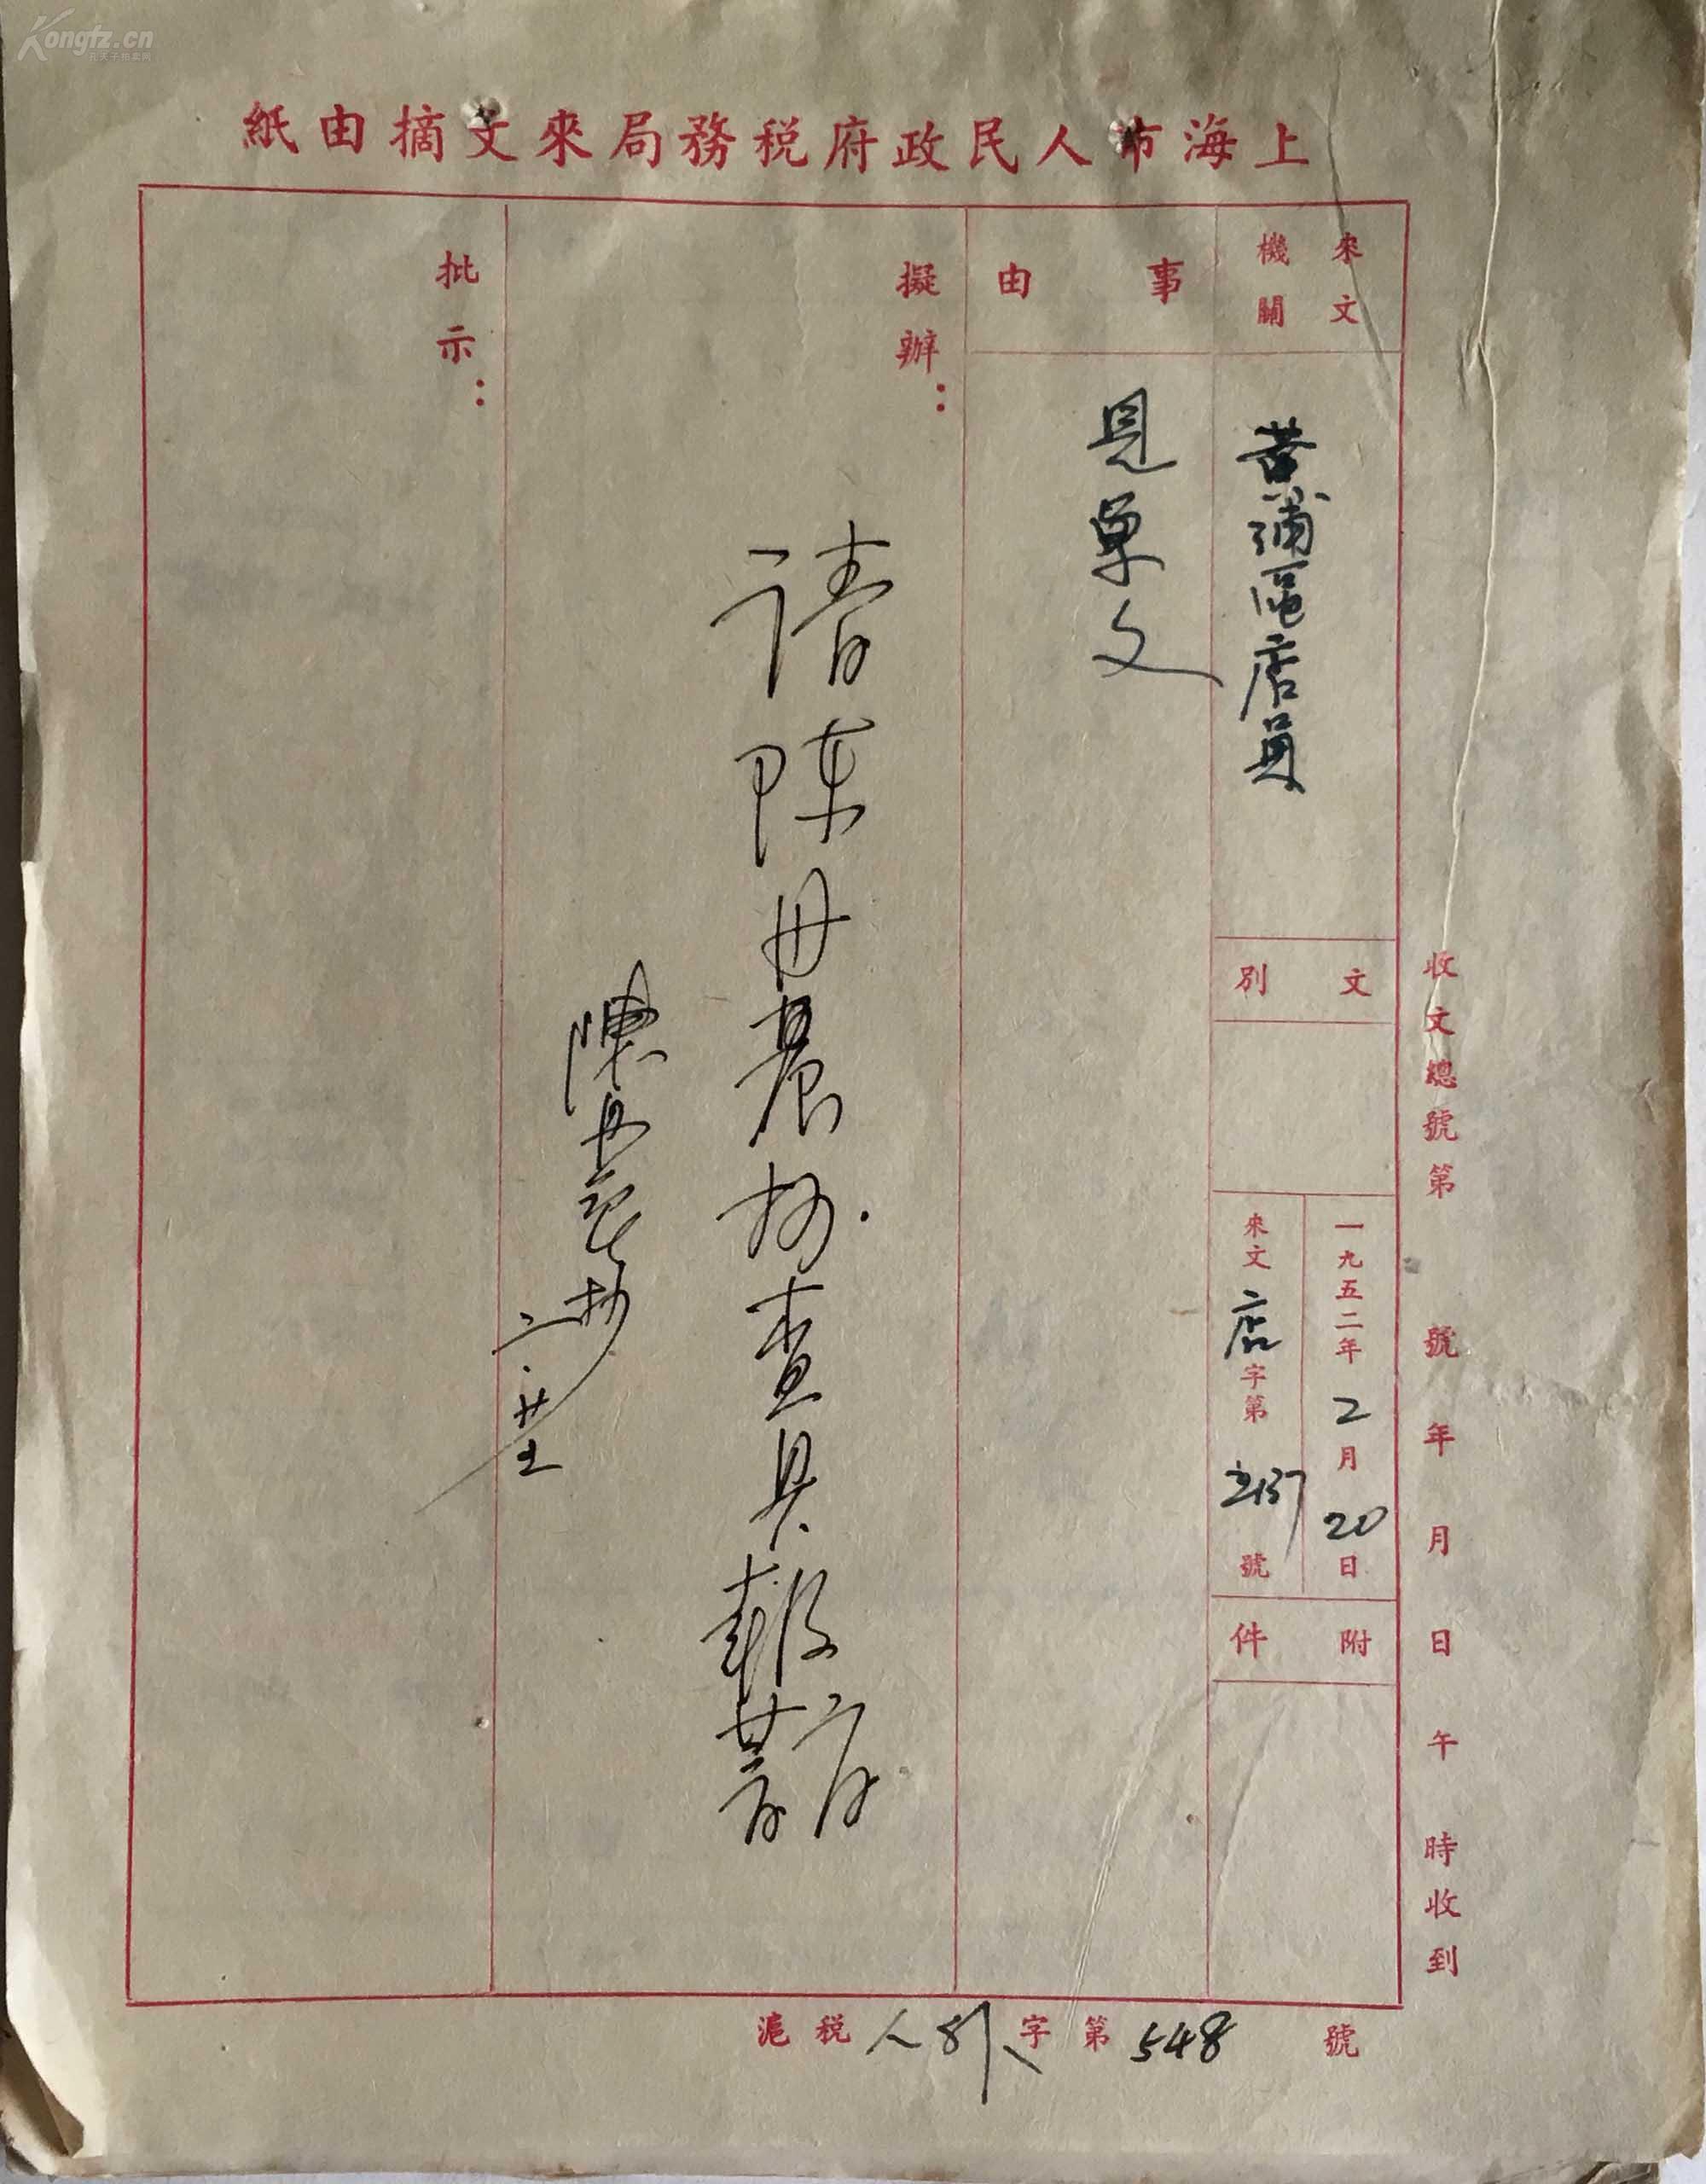 著名作家 陈丹晨 抄件 及上海税务局时候的小说手稿 这个手稿他自己也不会有备份